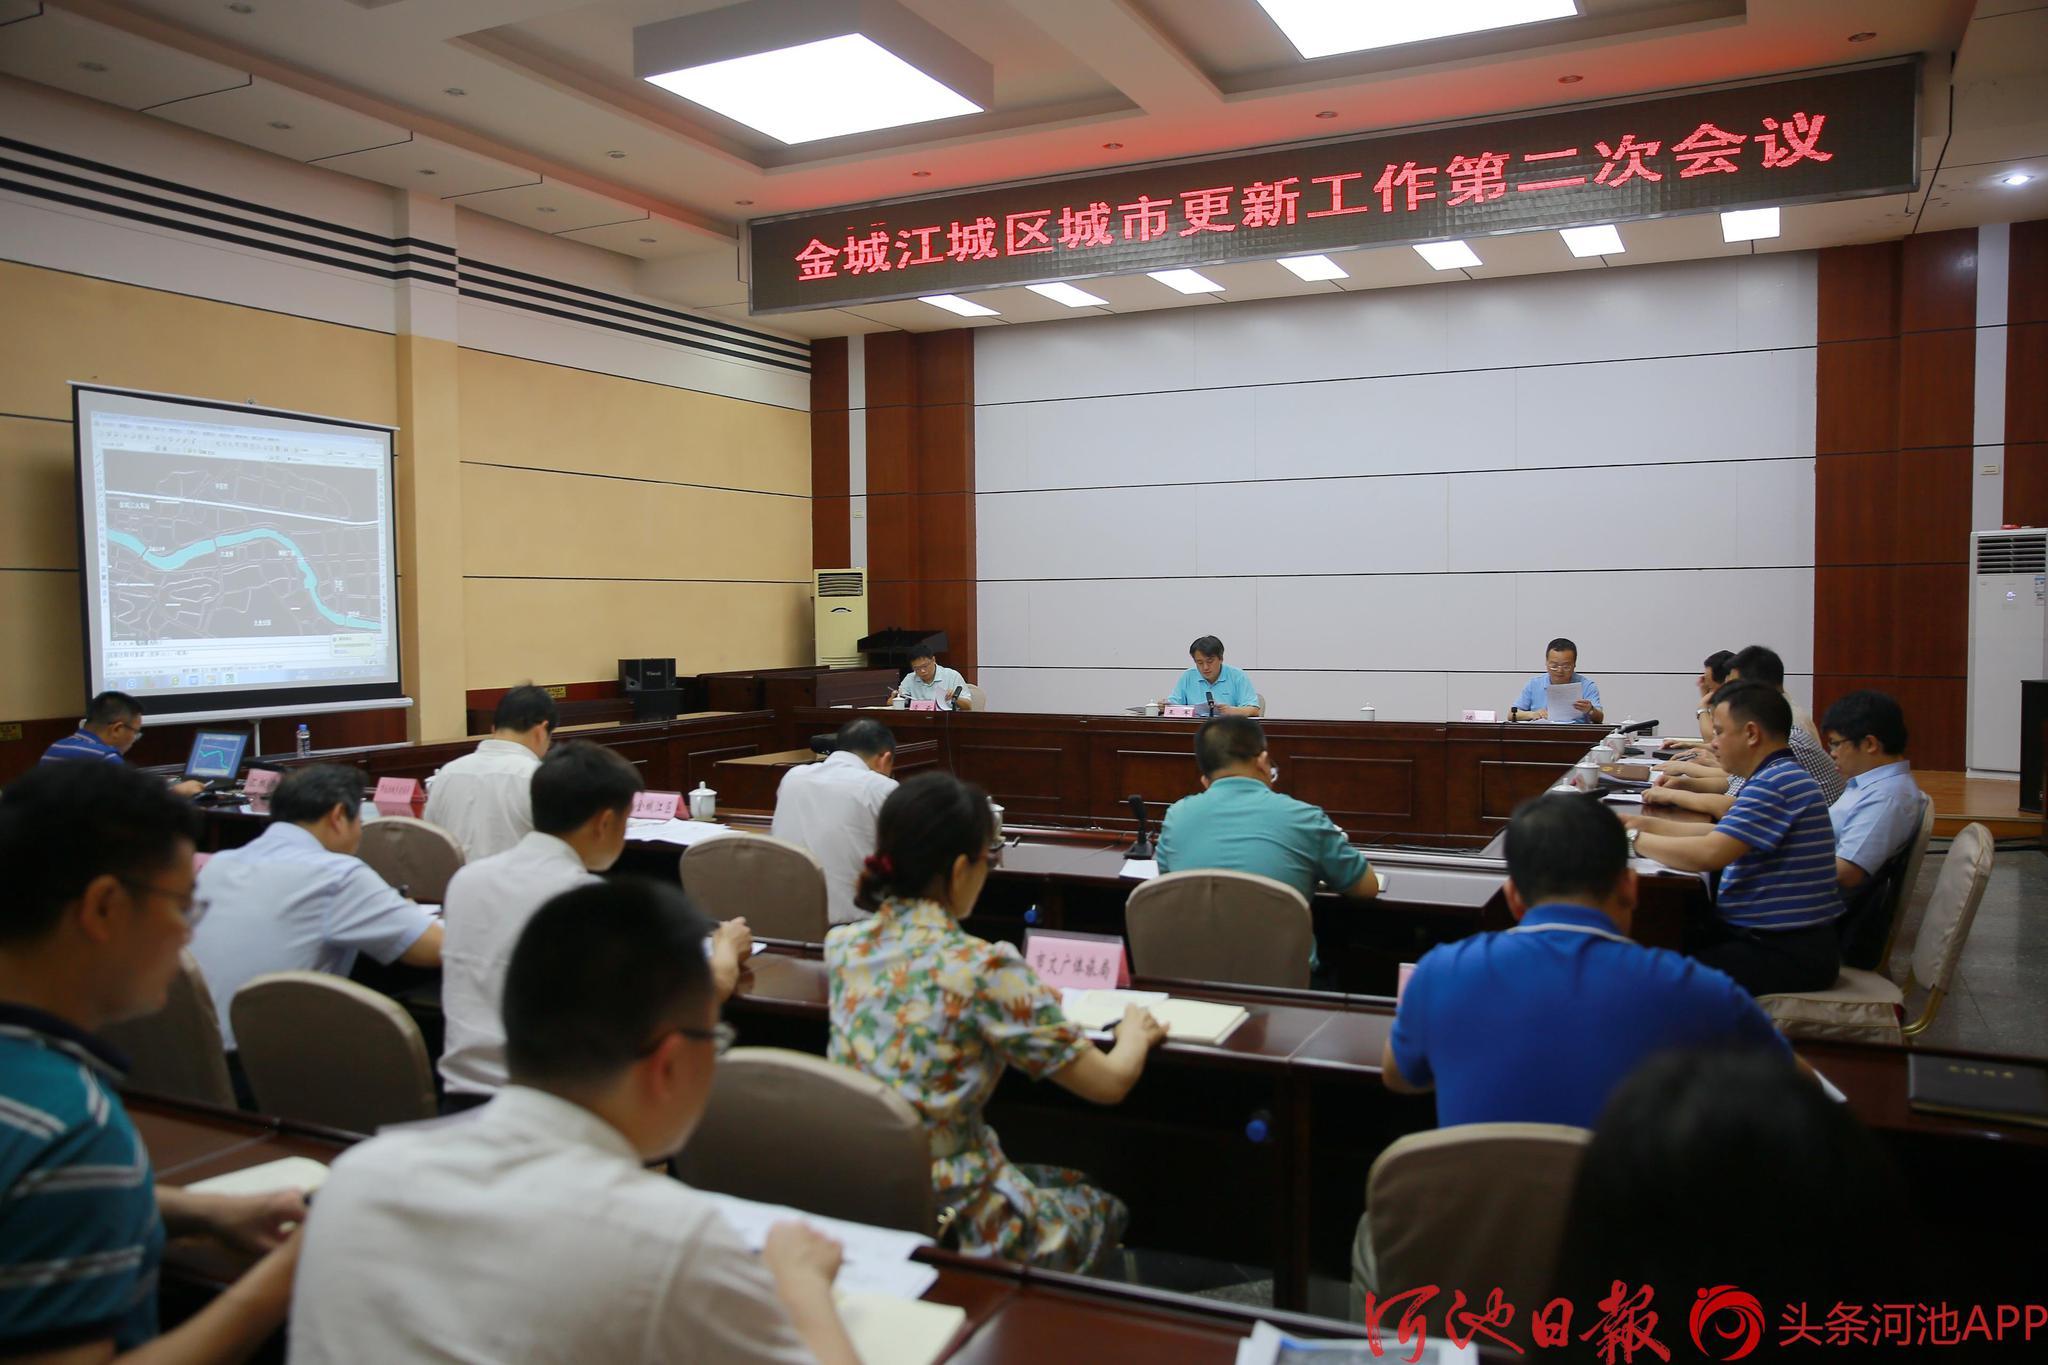 王军主持召开金城江城区城市更新工作第二次会议